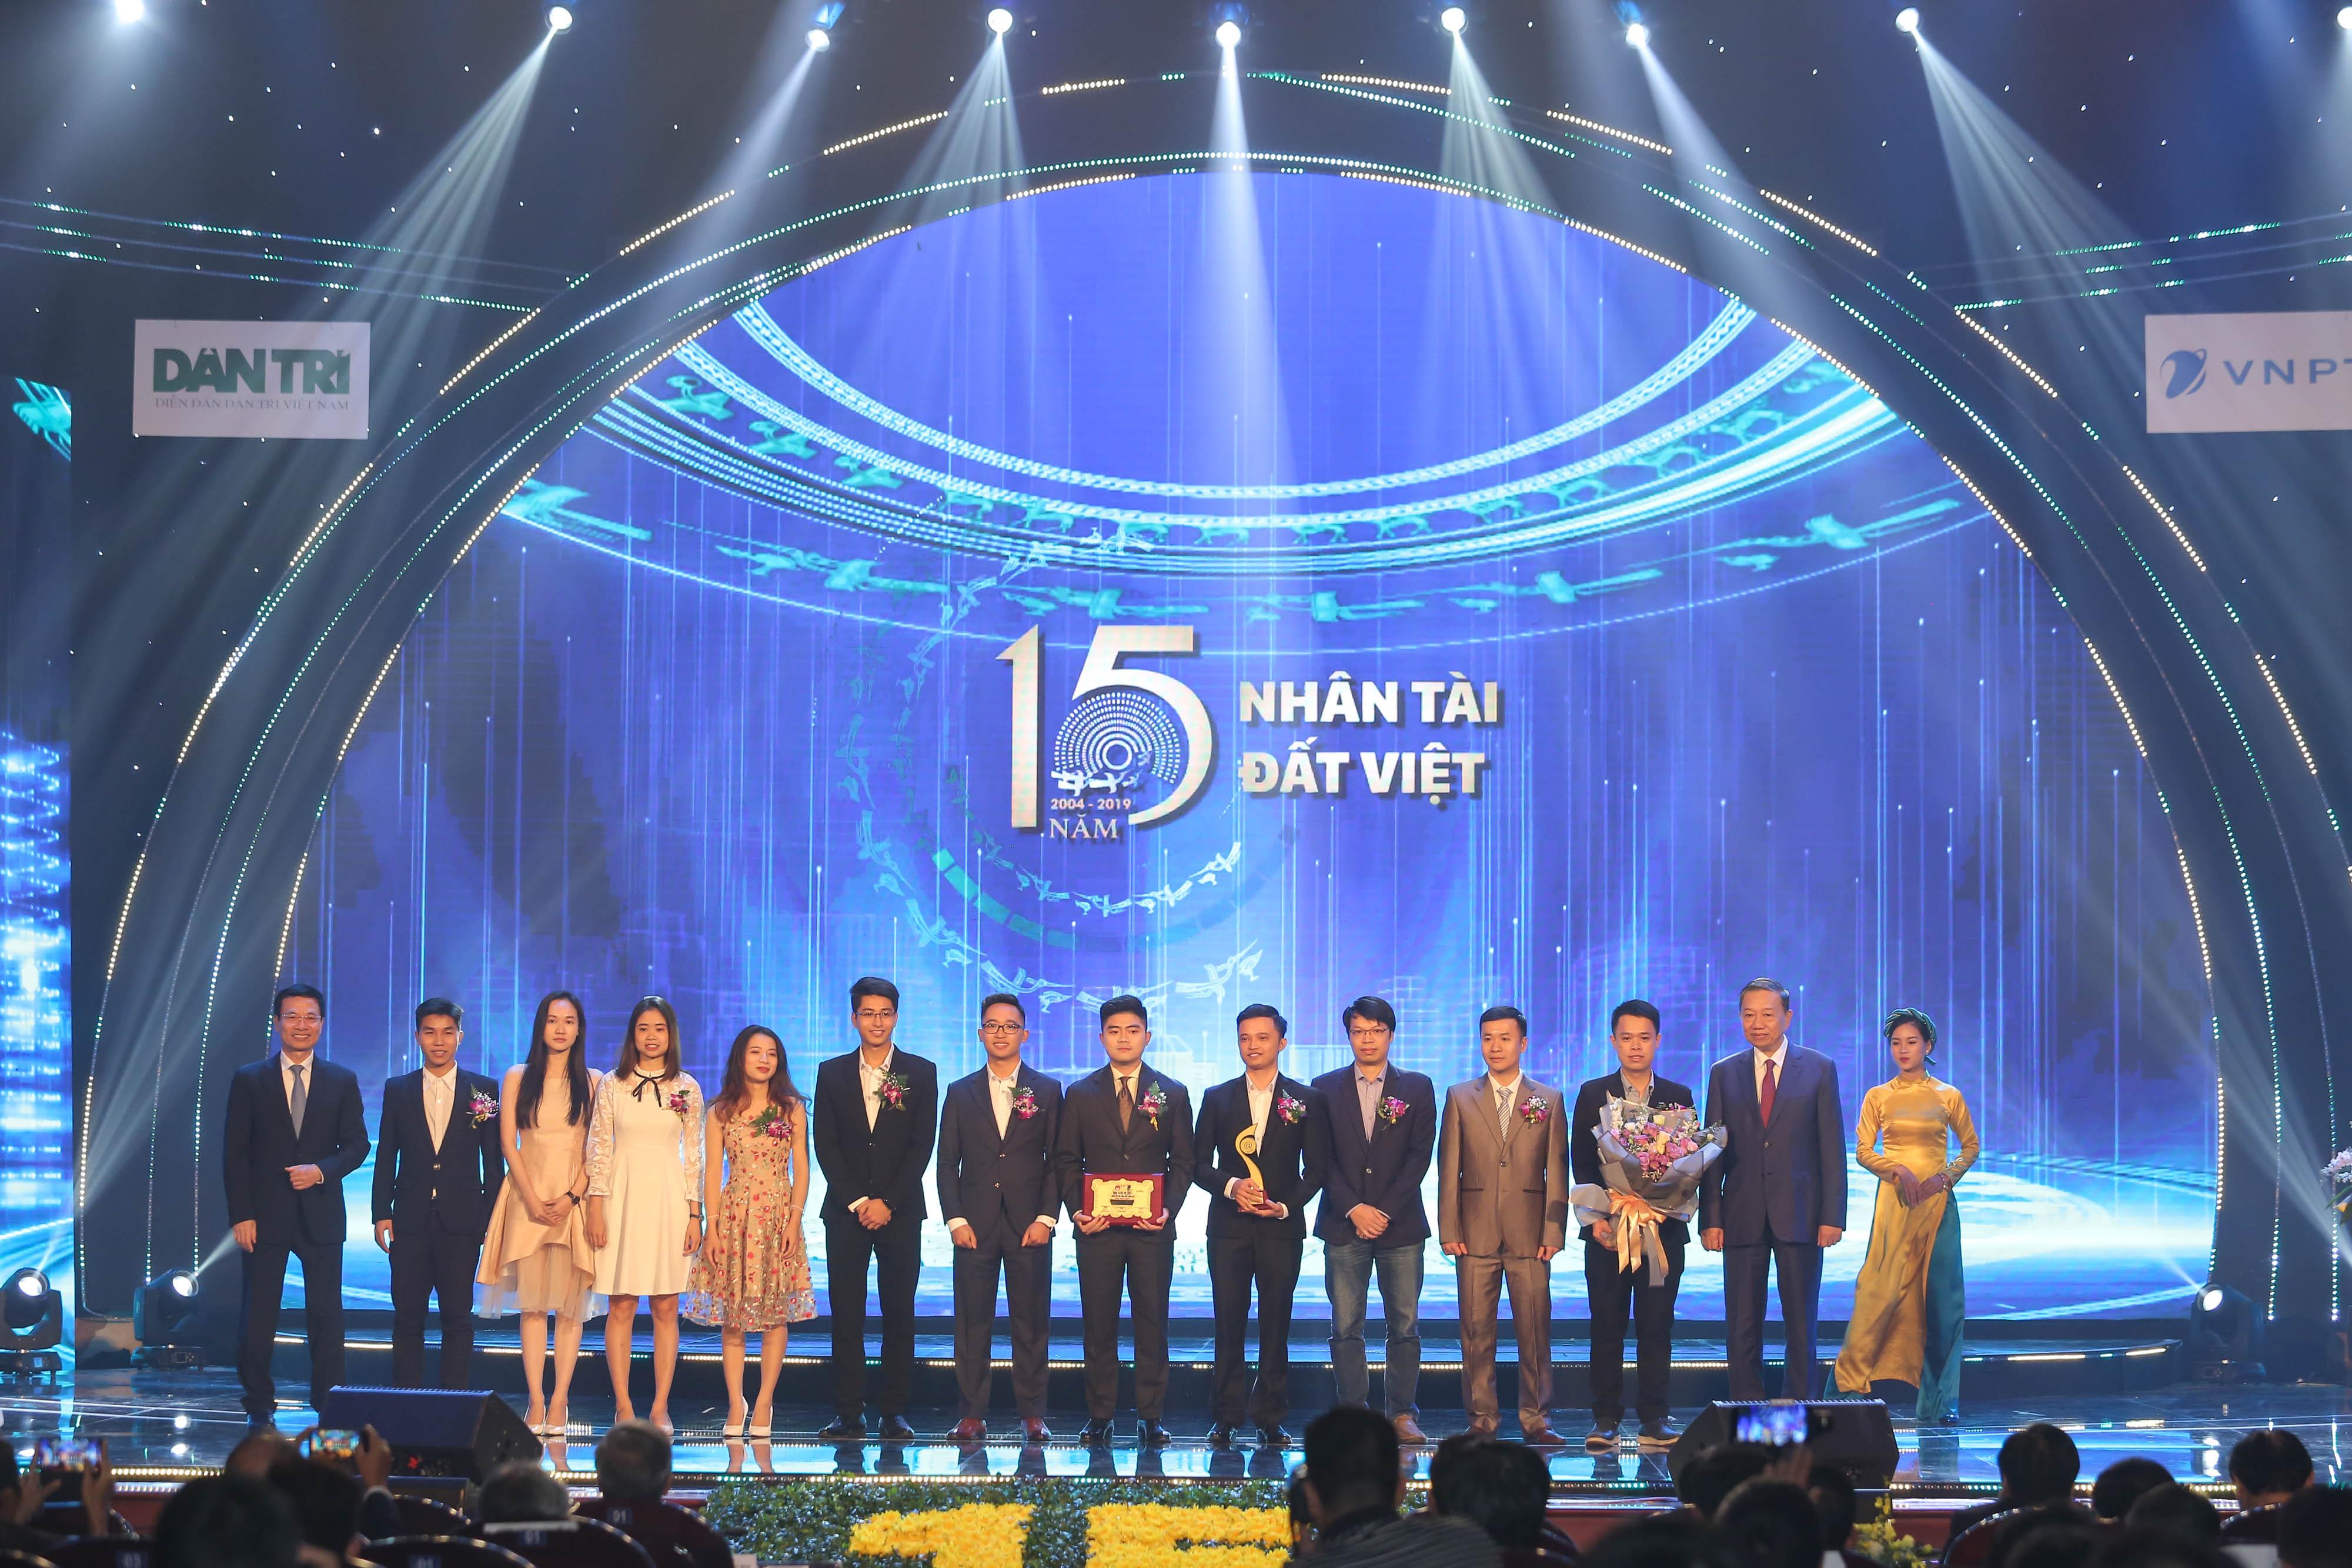 Sản phẩm chuyển giọng nói tiếng Việt thành văn bản (2/12/2019)